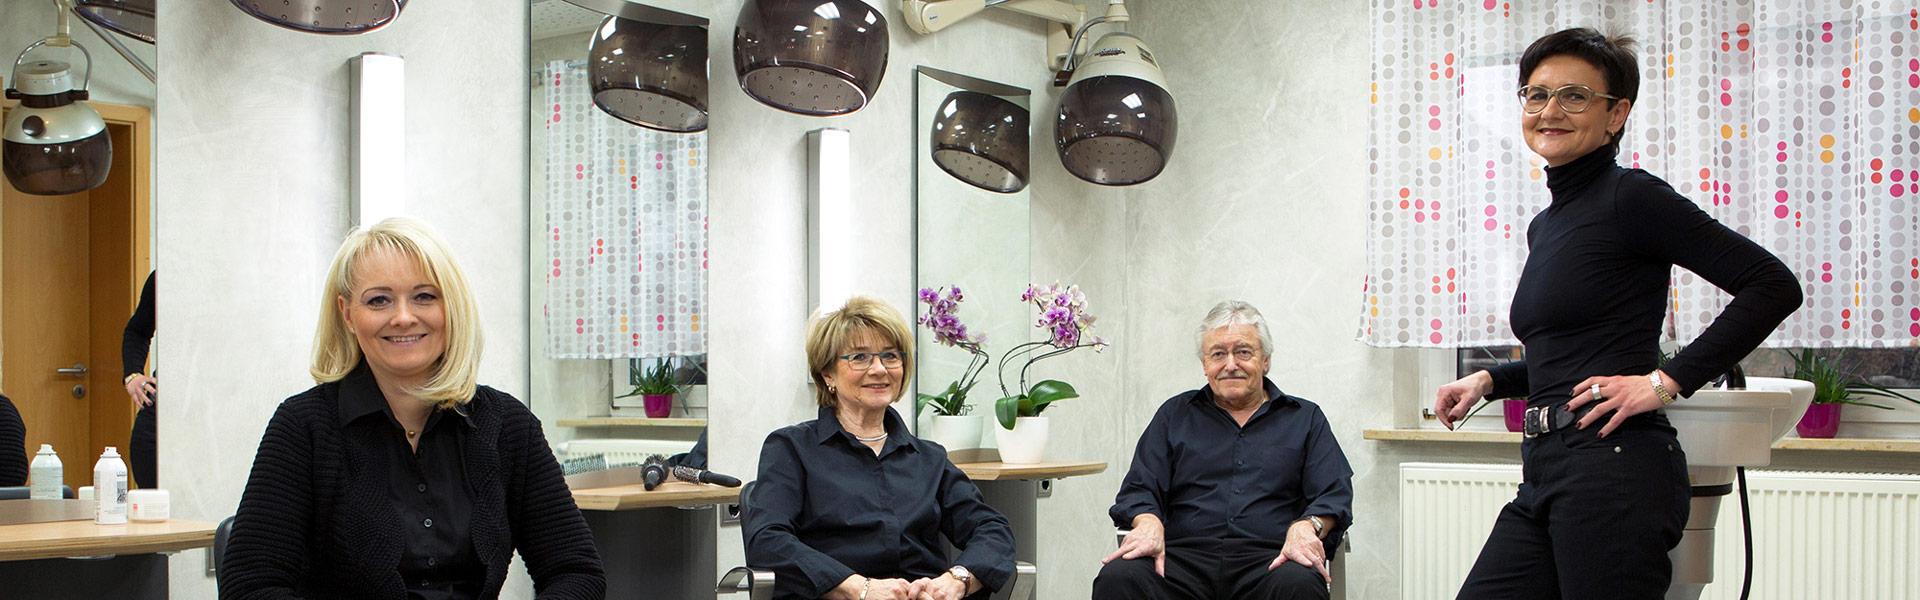 Team und Inhaber von Friseur Arnold